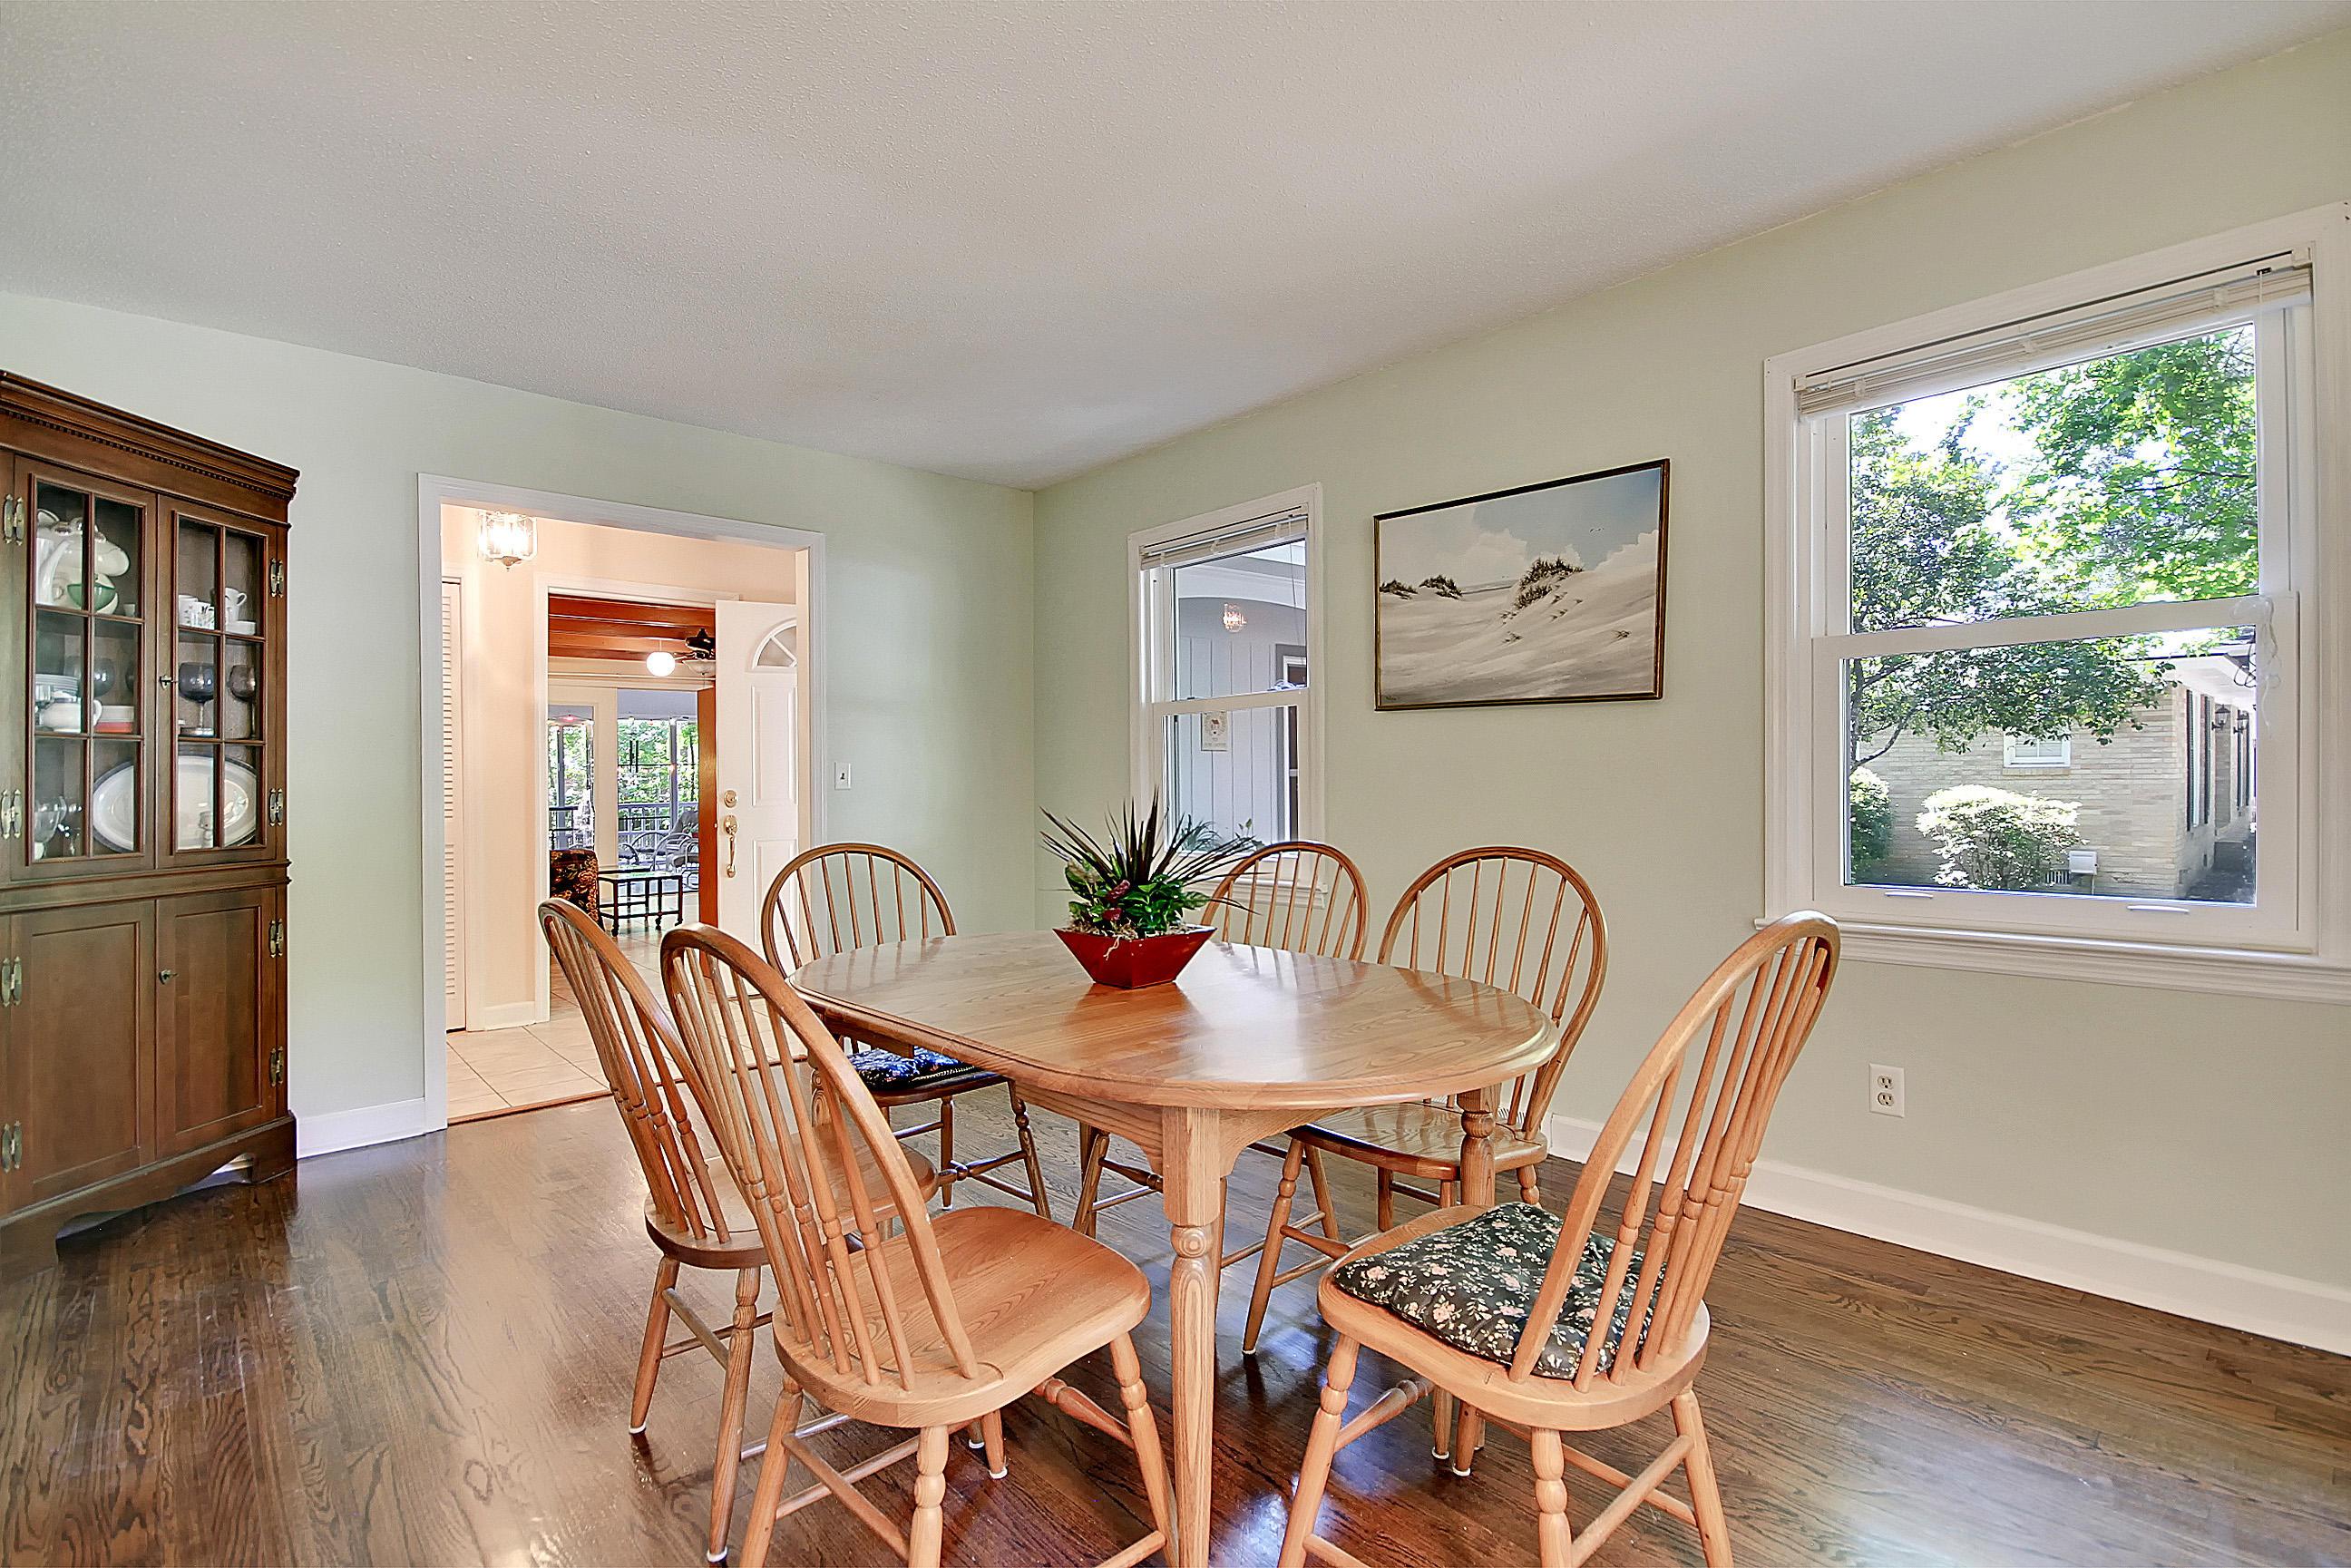 Parish Place Homes For Sale - 819 Abcaw, Mount Pleasant, SC - 1